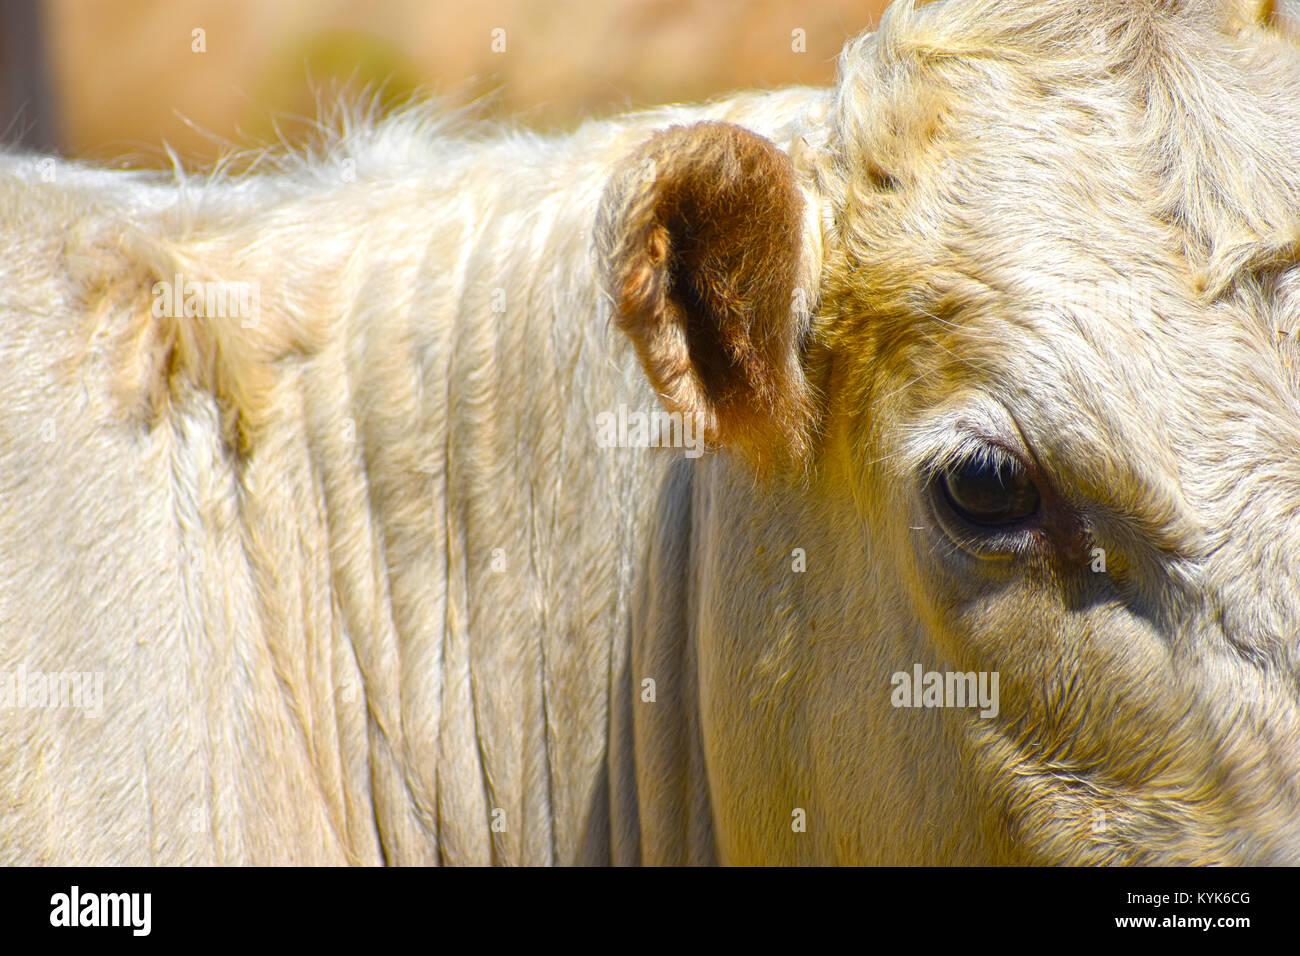 Cows Eyelashes Stock Photos Cows Eyelashes Stock Images Alamy